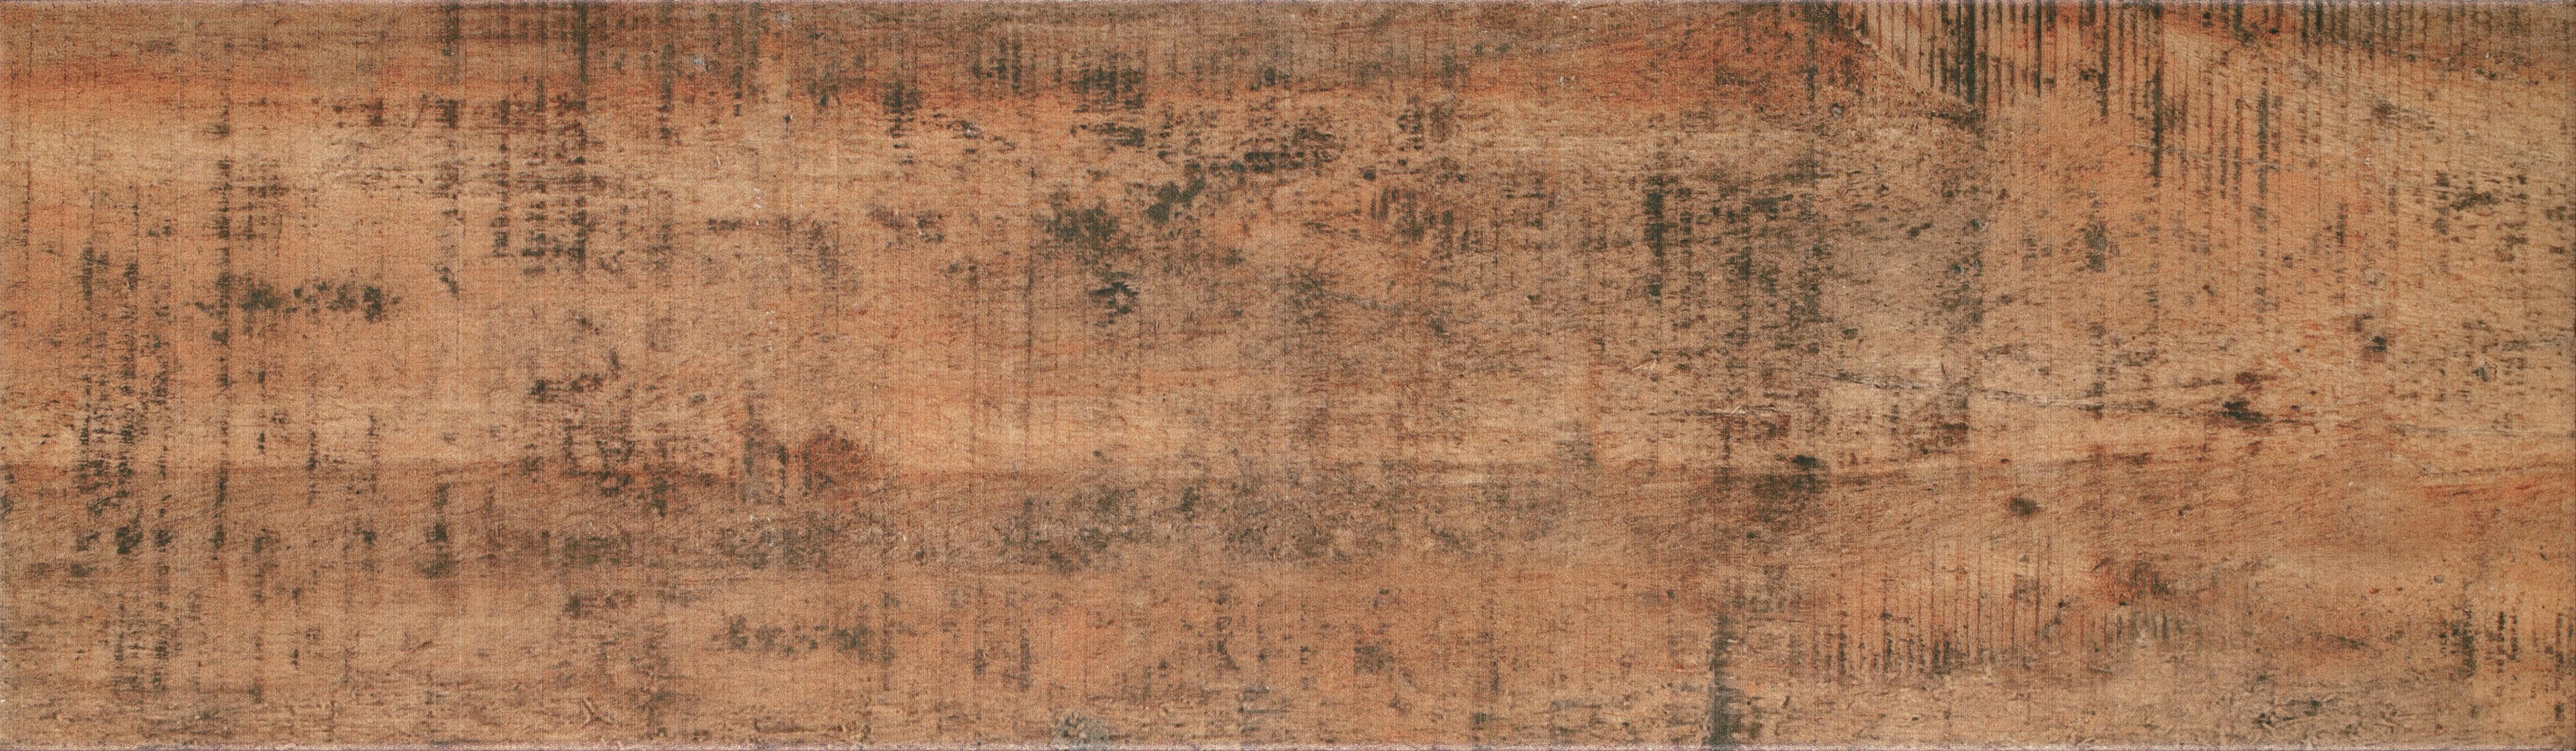 Celtis honey 5175 17,5x60 - Hansas Plaadimaailm